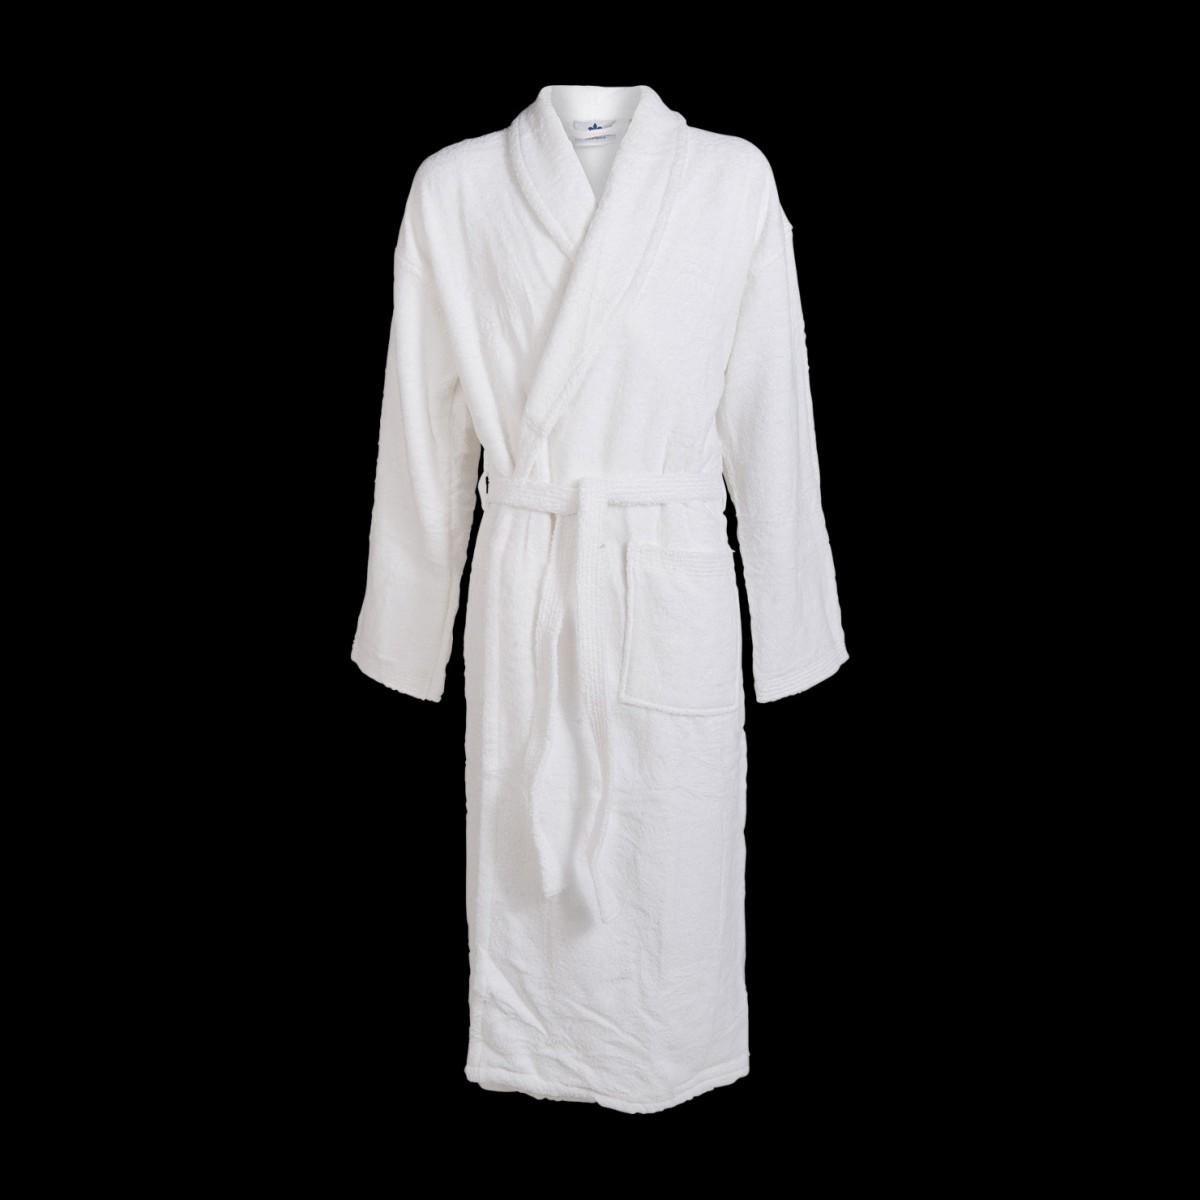 Grote-maten-badjas-wit